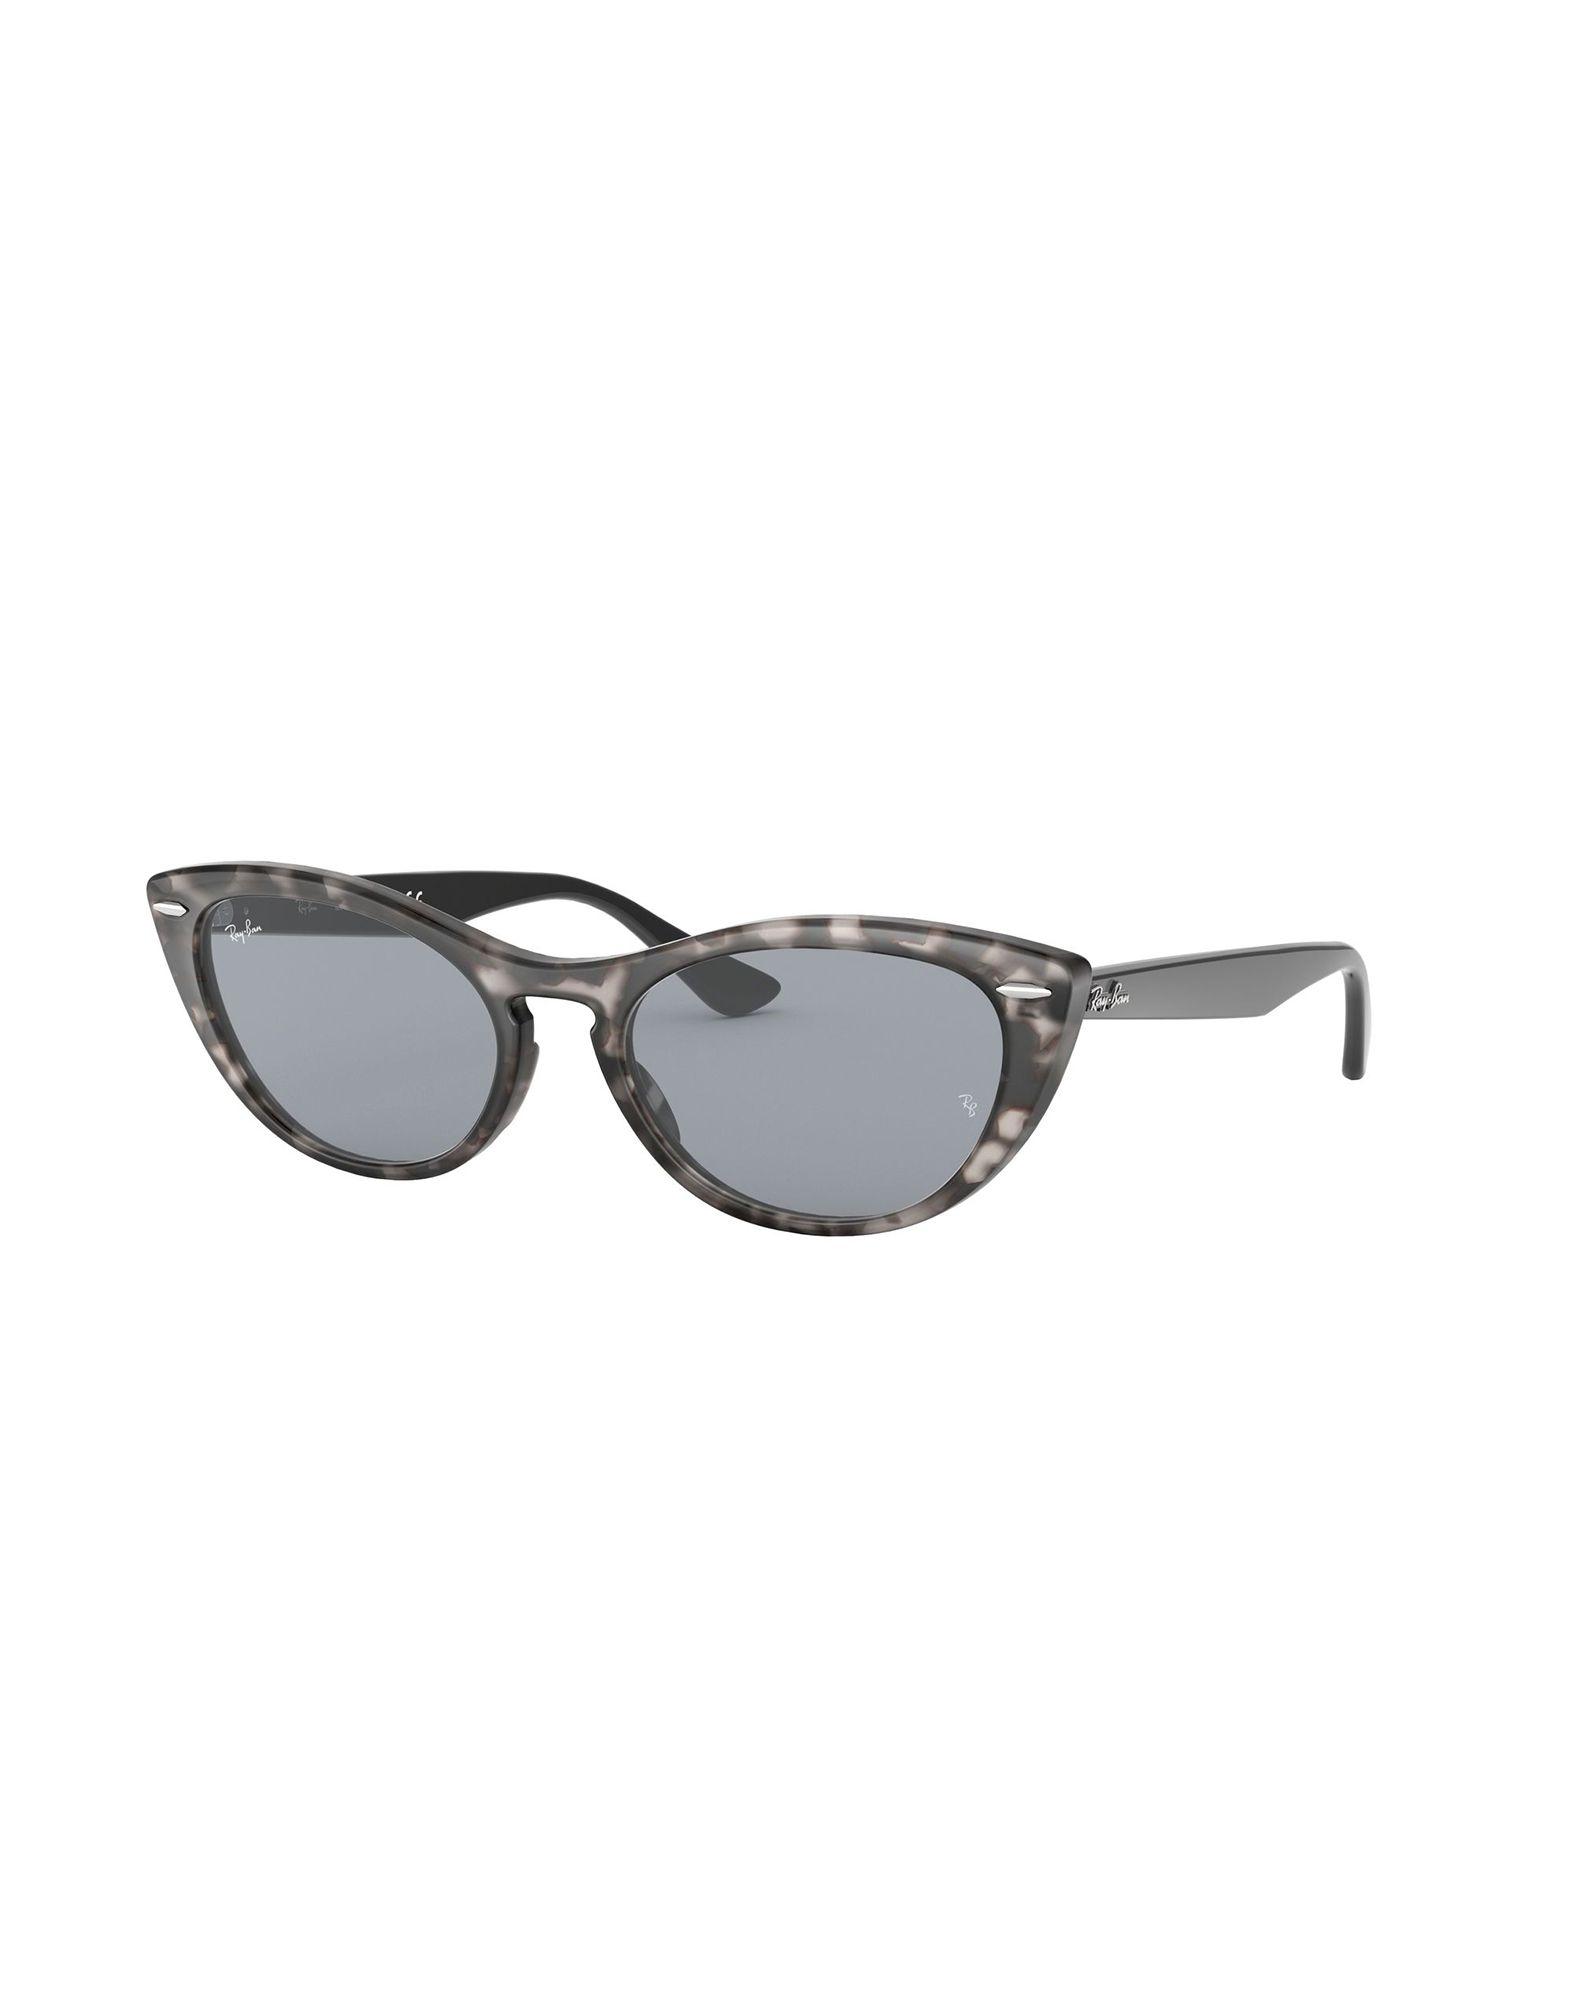 6add1be40d Gafas De Sol Ray-Ban Rb4314n - Mujer - Gafas De Sol Ray-Ban en YOOX -  46623770JE